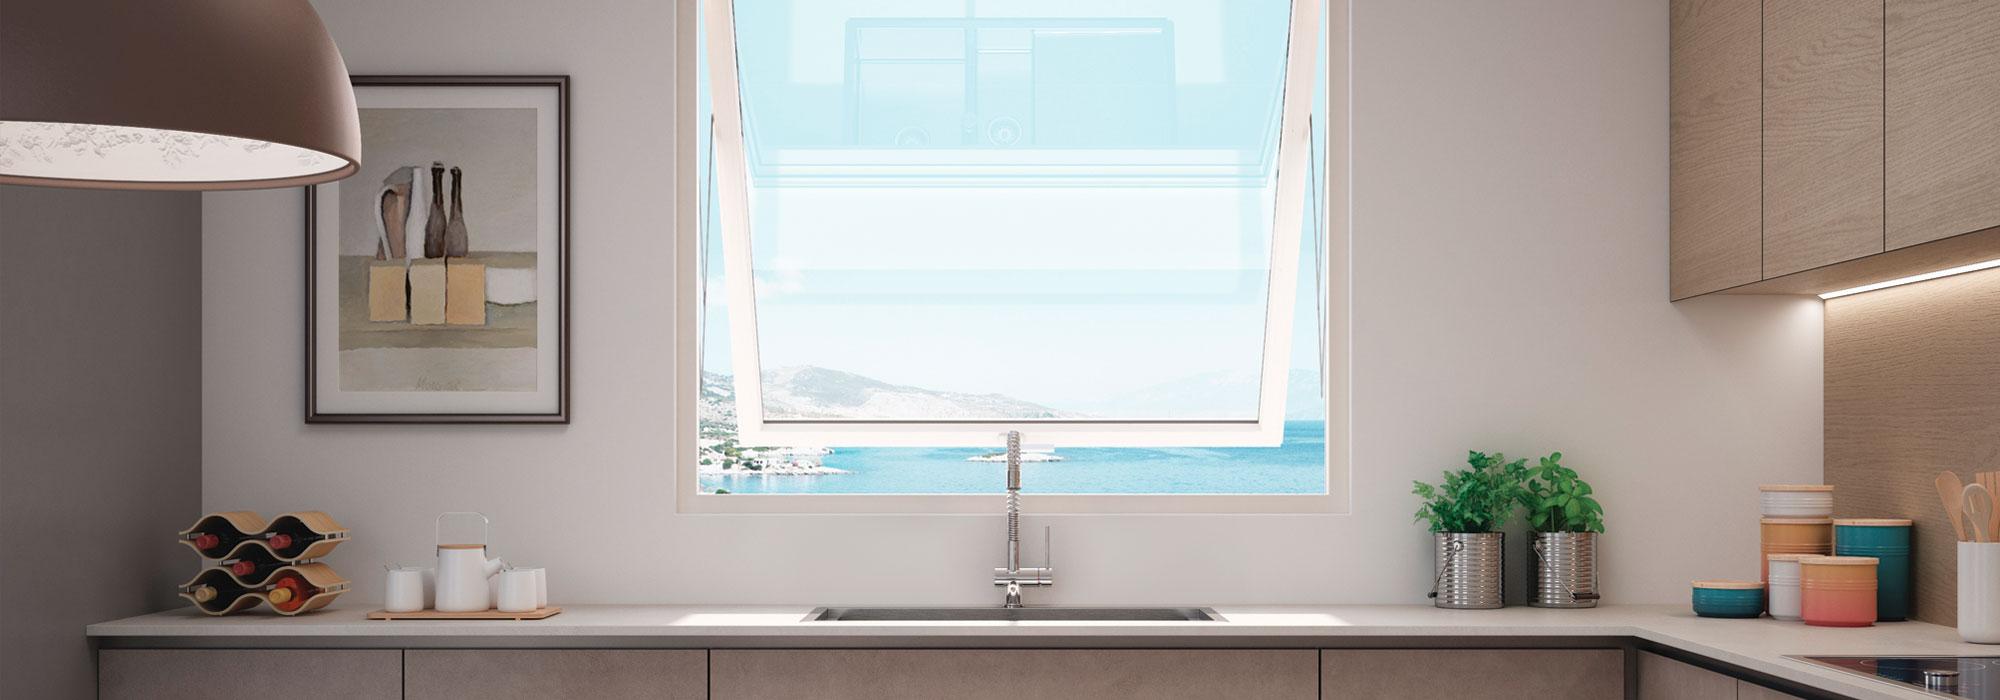 Home Design Busto Arsizio progetto serramenti | finestre, porte e serramenti a